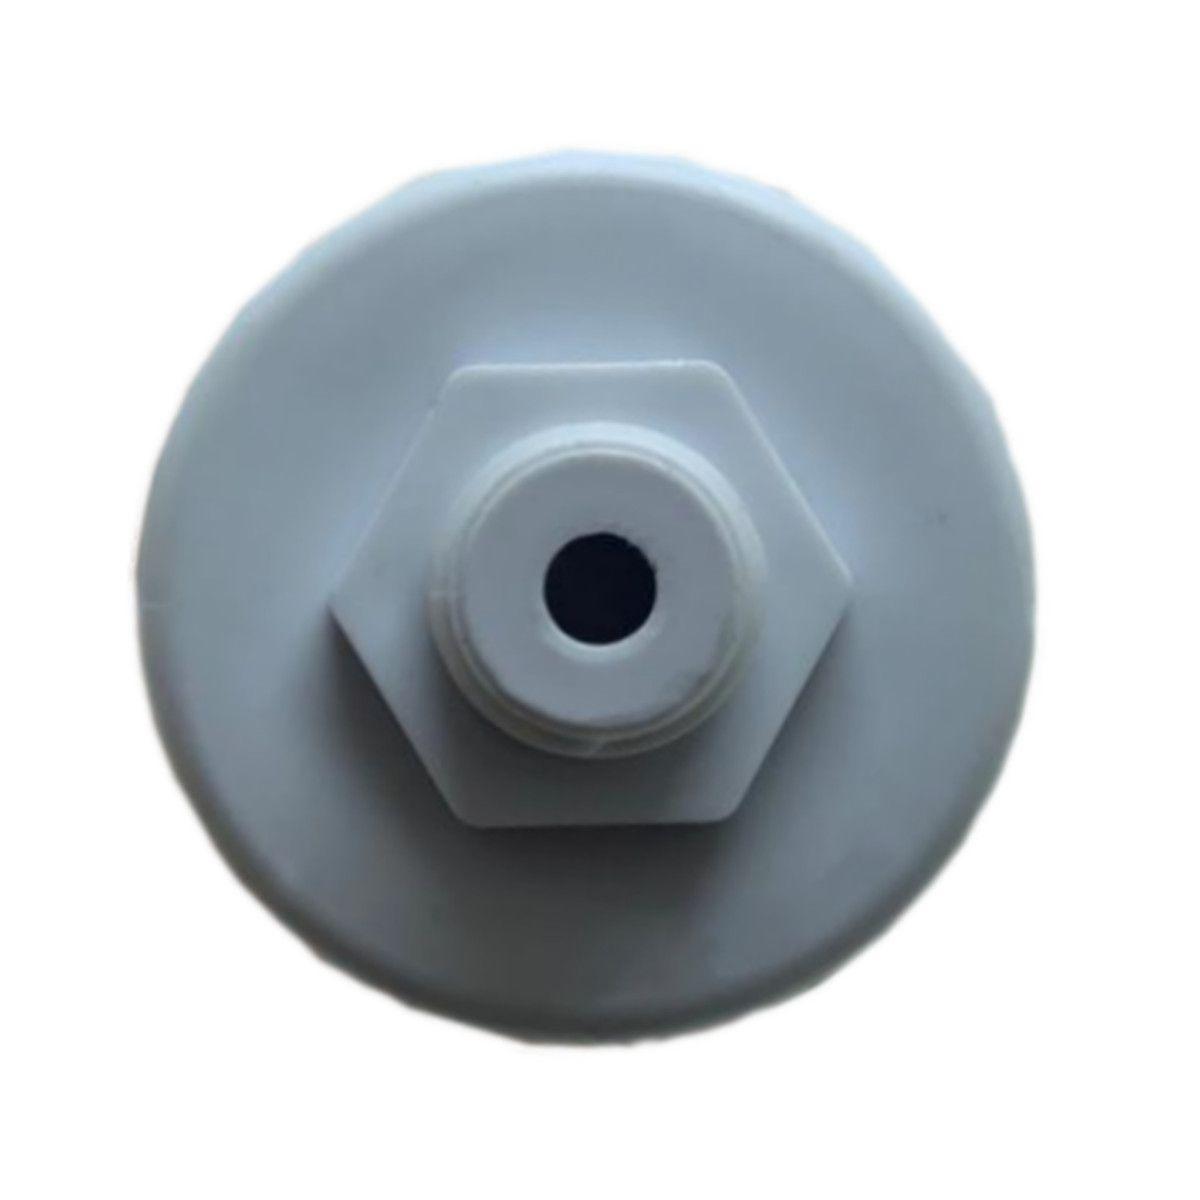 Refil Aqualar Super AP230 AquaPlus 230 multimarcas c/ Rosca